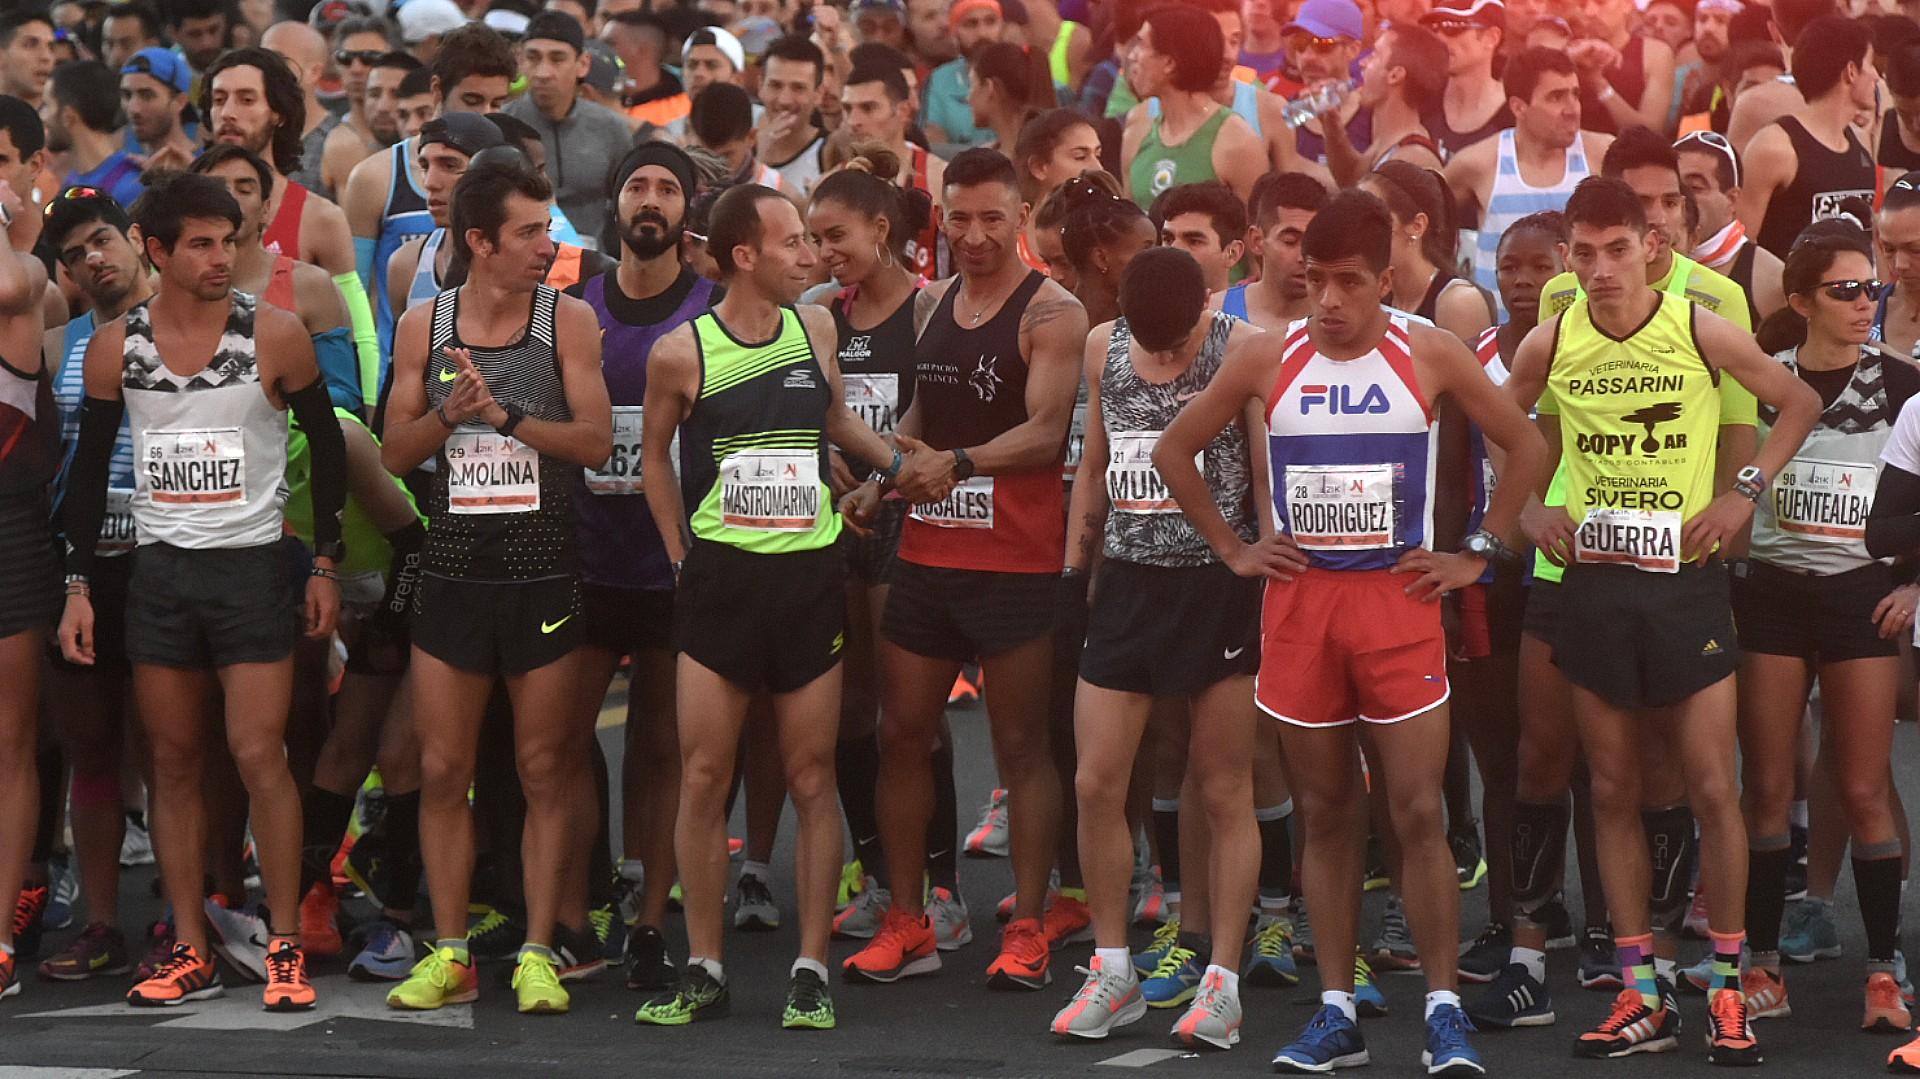 Los atletas, luego de elongar, se ubican detrás de la línea de partida. Los atletas generales se posicionan detrás de los atletas de élite